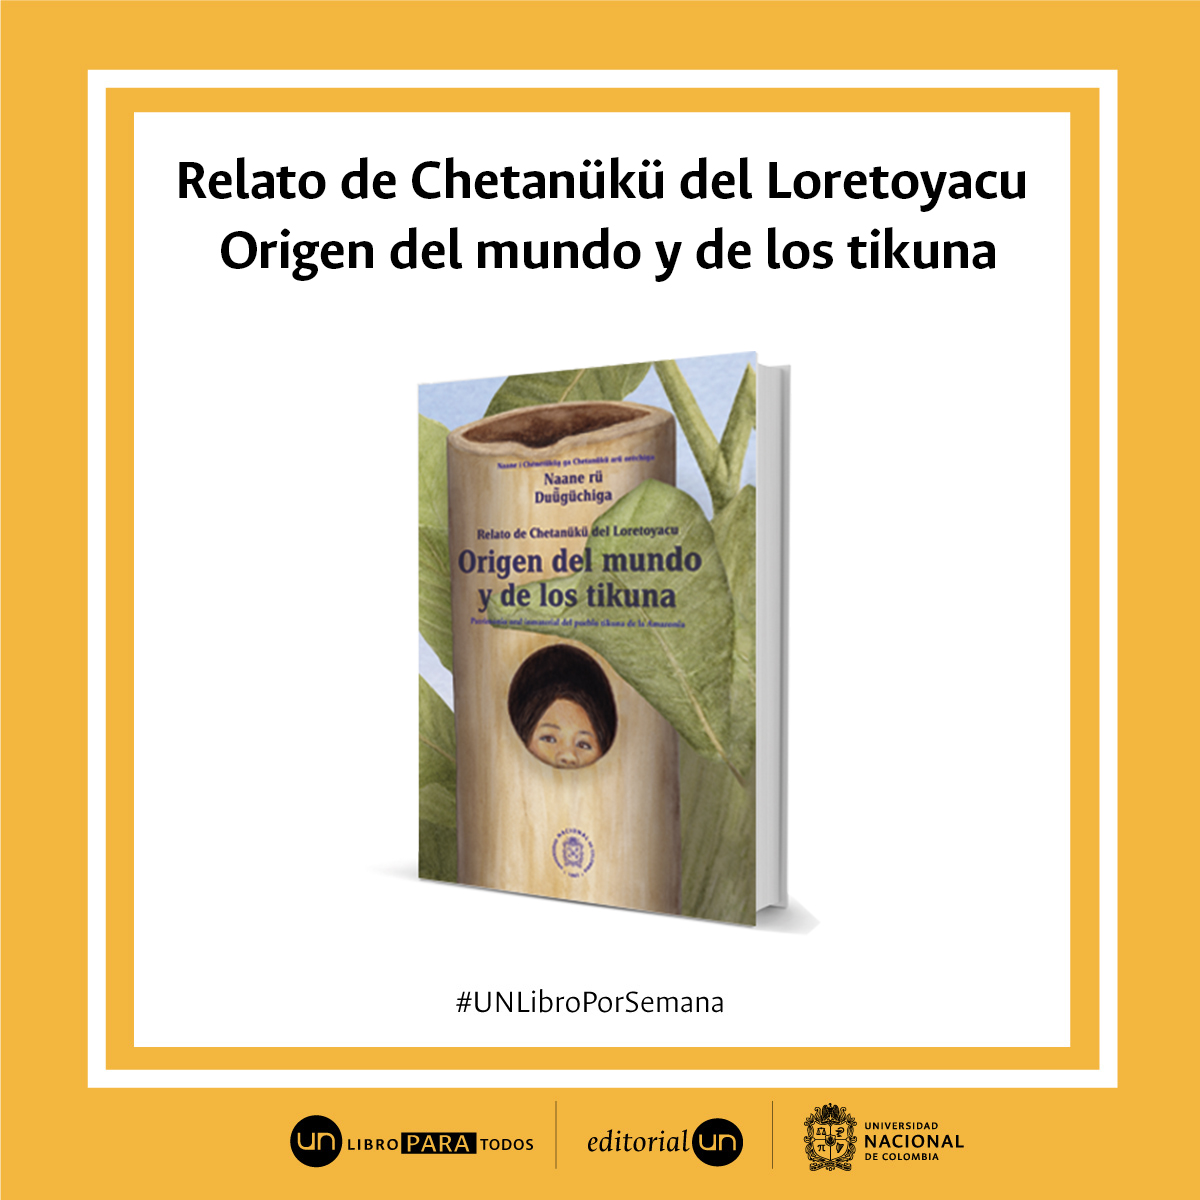 #UNLibroporSemana: 'Relatos de Chetanuku del Loretoyacu sobre el origen del mundo y de los tikuna'